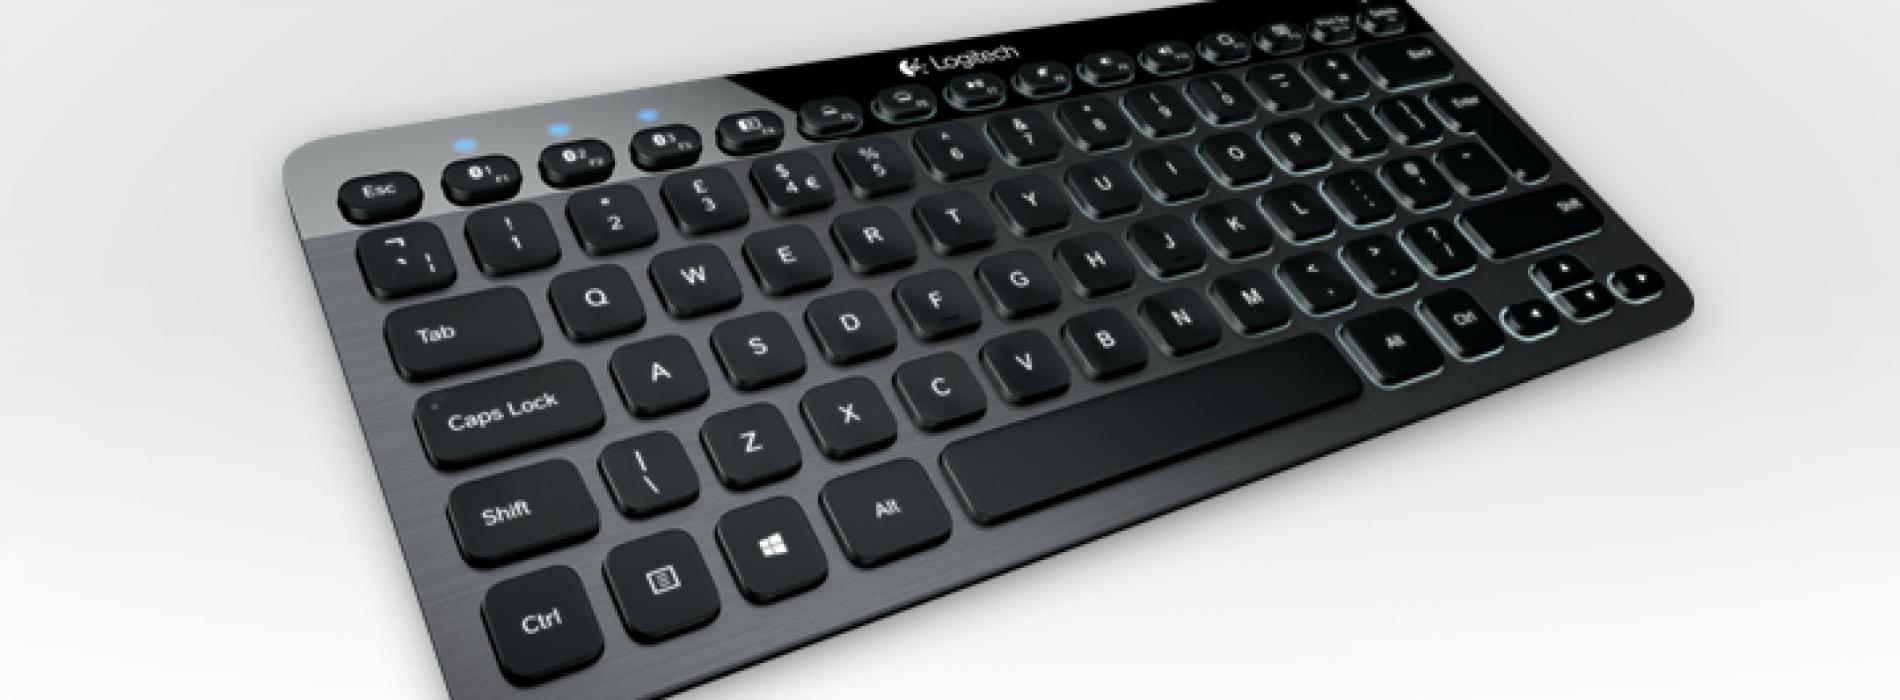 Logitech debuts K810 backlit Bluetooth keyboard